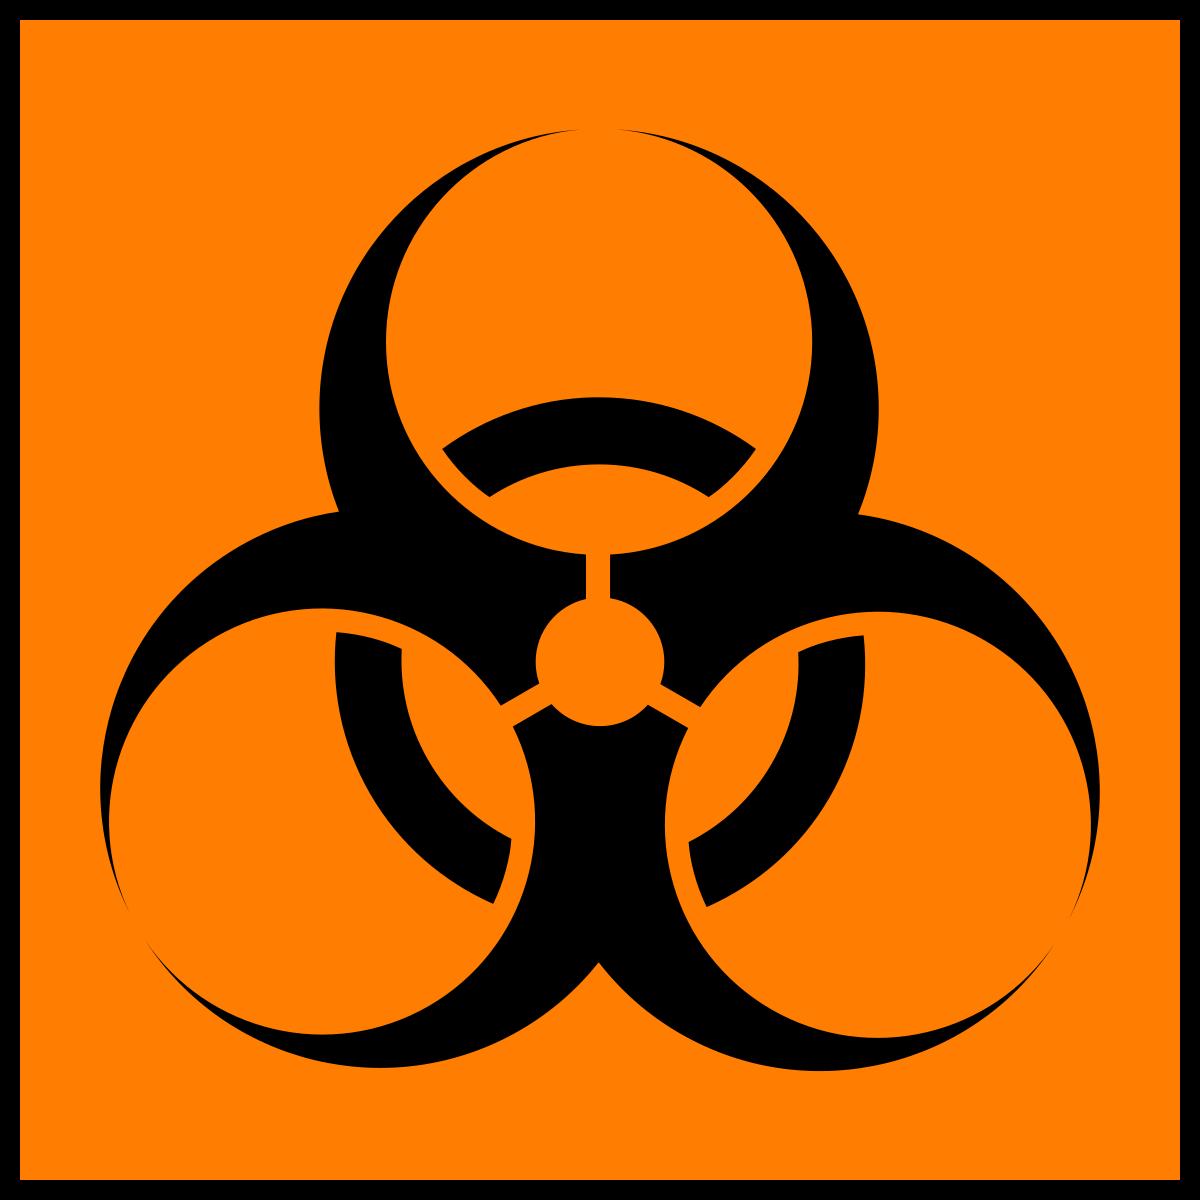 1200px-Biohazard_orange.svg